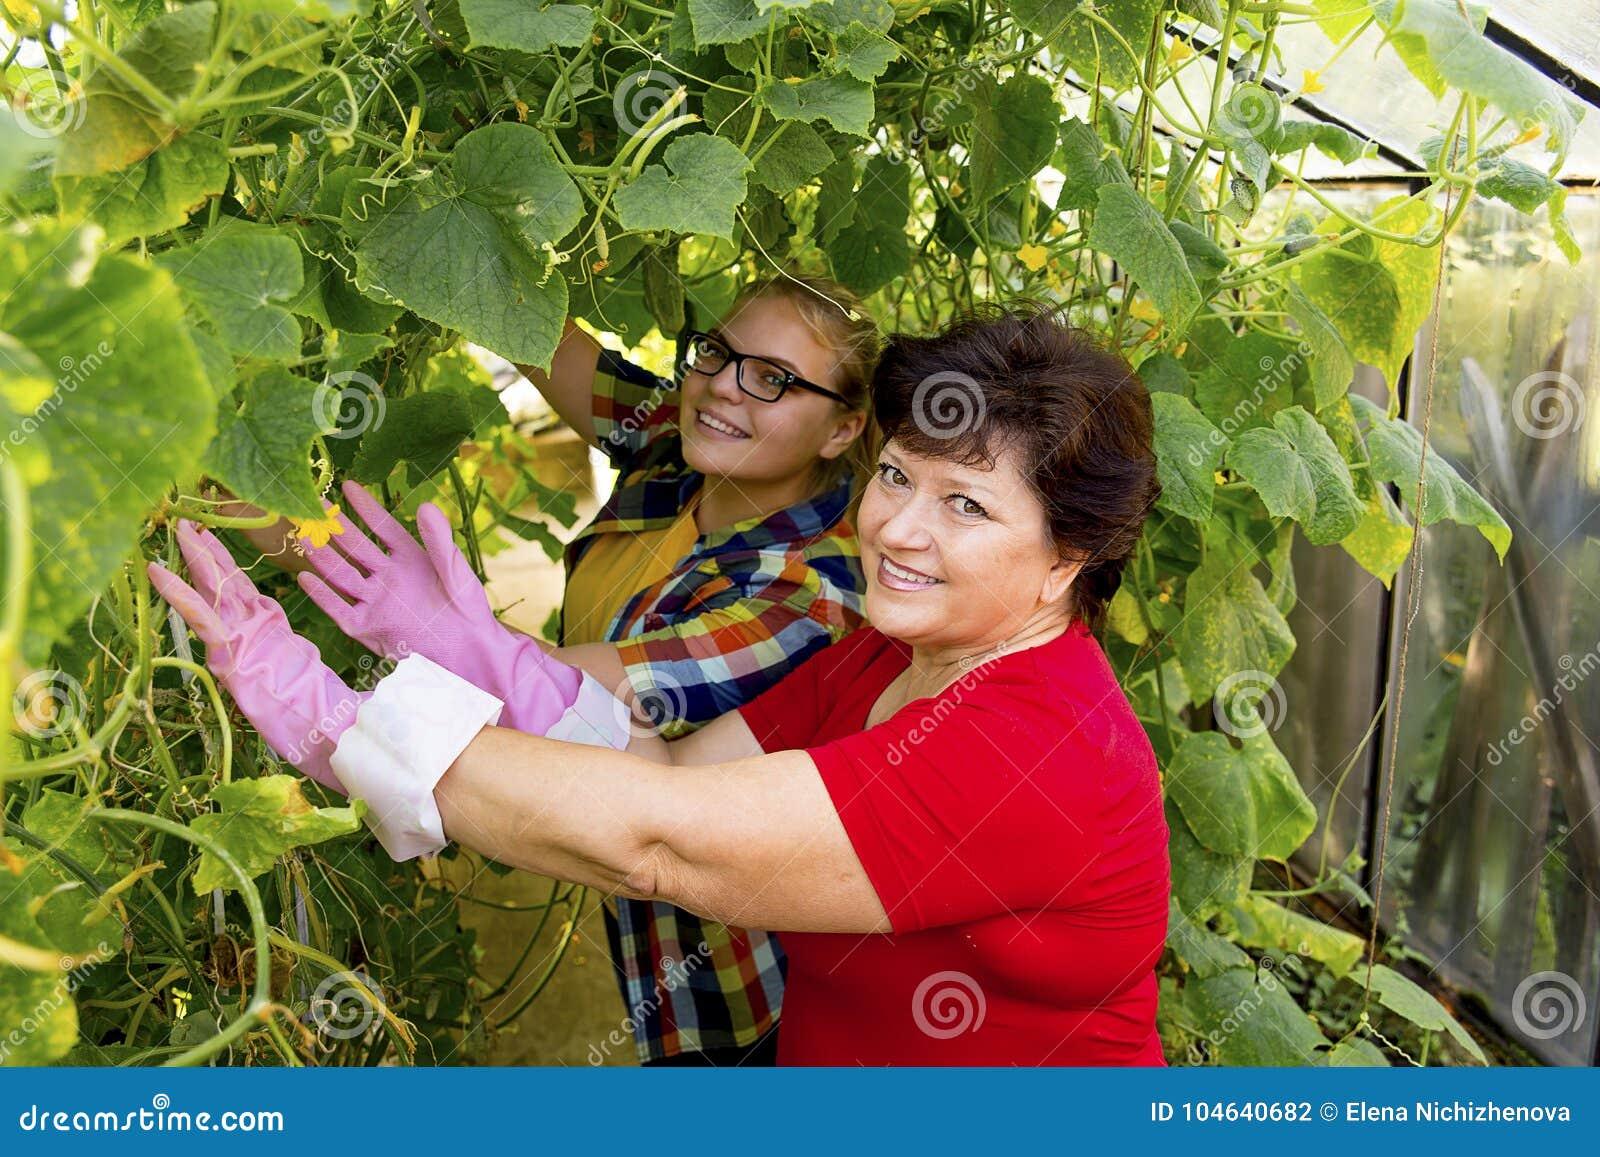 Download Vrouwen Die In Een Serre Werken Stock Foto - Afbeelding bestaande uit vers, landbouw: 104640682